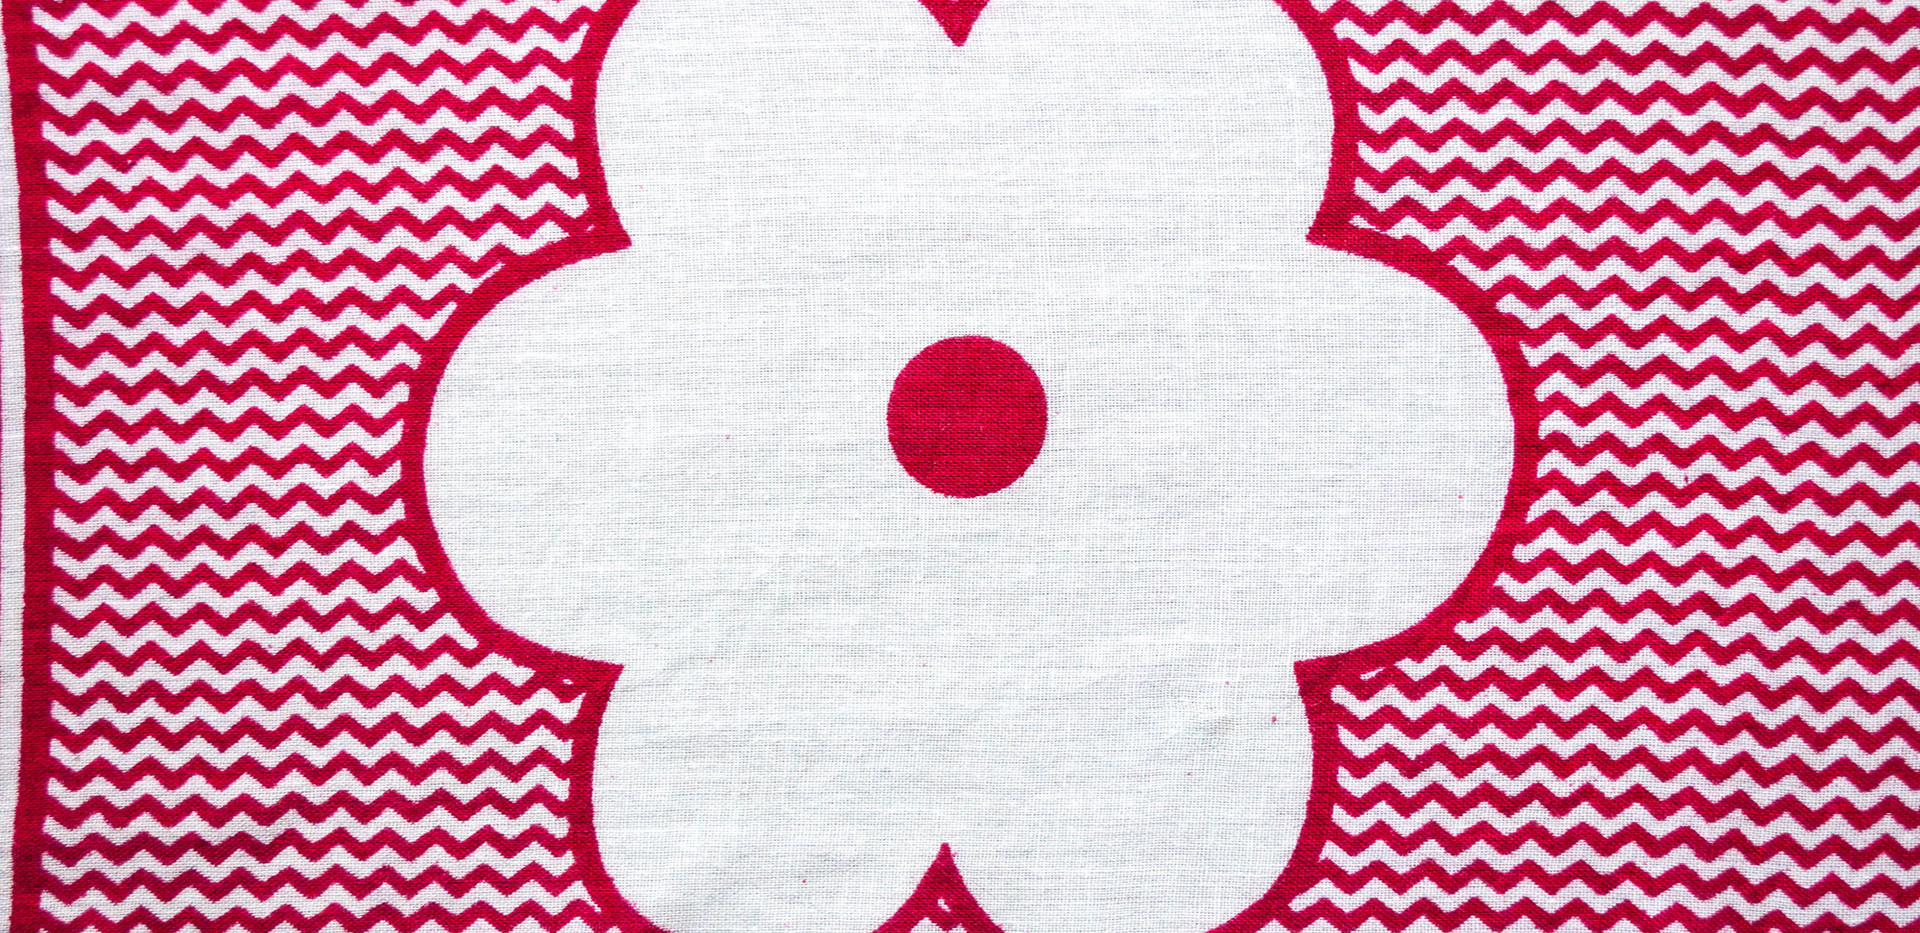 flower on the bahati kanga